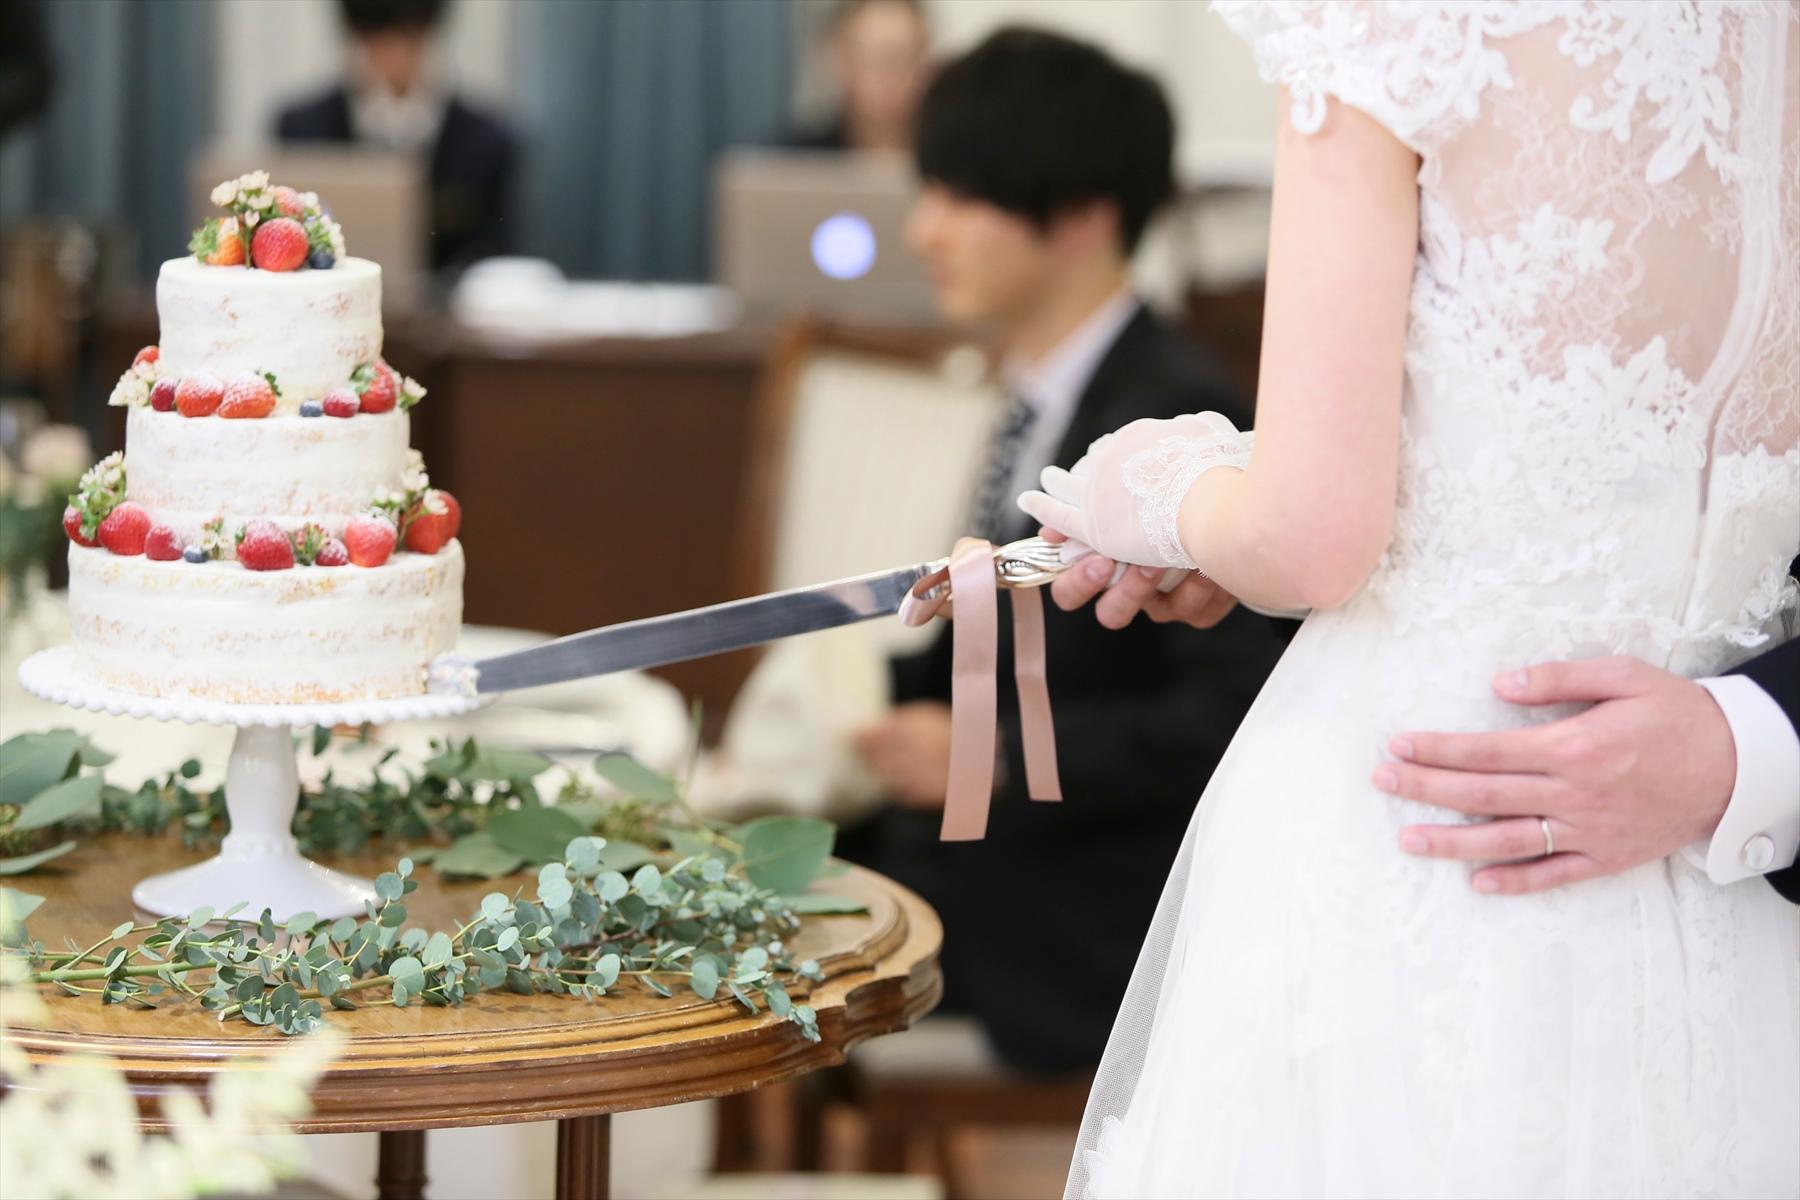 アニバーサリーアン恵比寿 パーティレポート パーティ 新郎新婦 エスカリエ ケーキ入刀